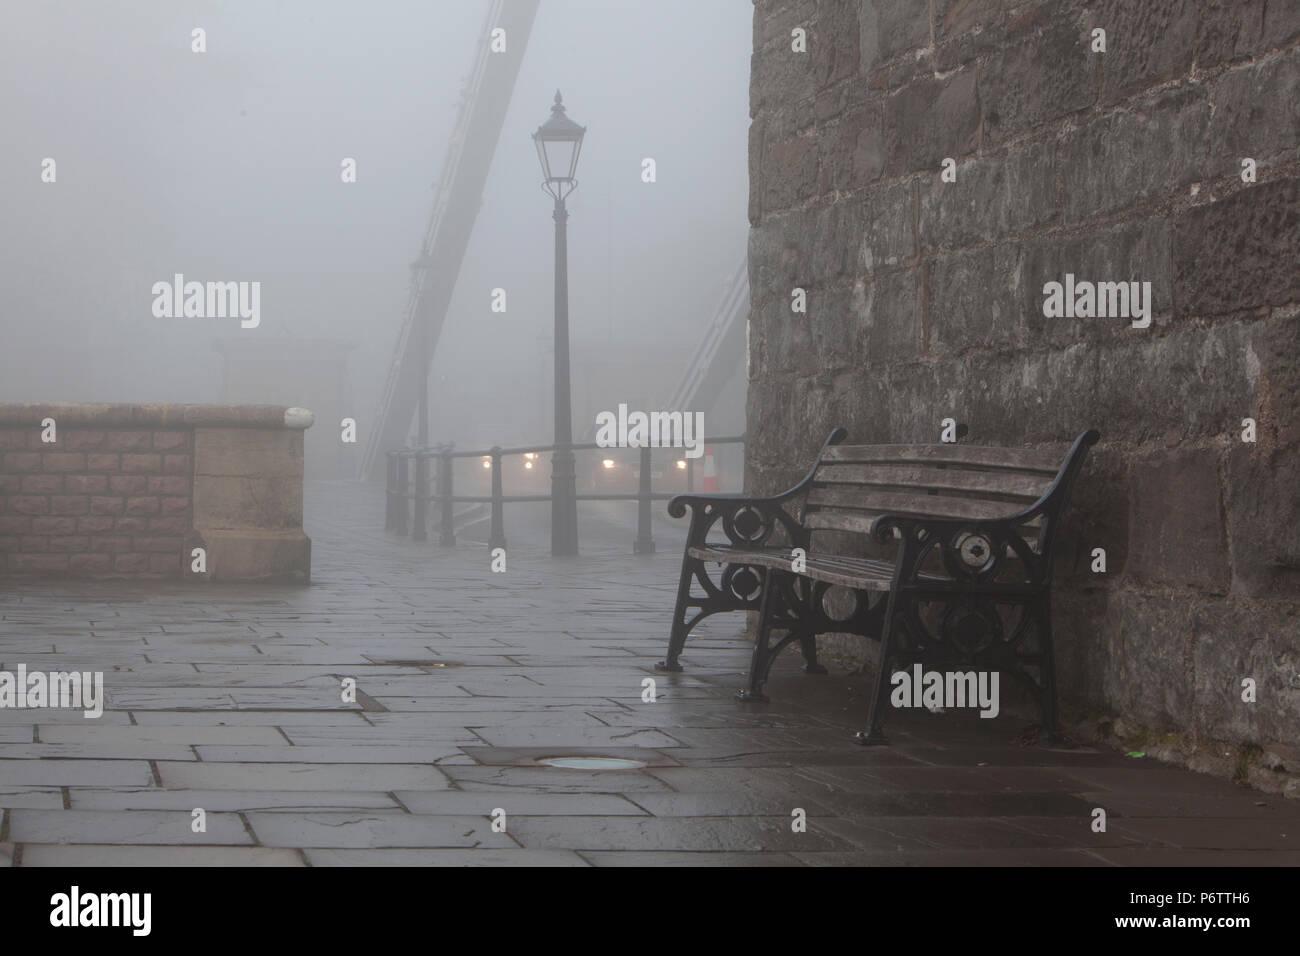 foggy timeless street scene - Stock Image